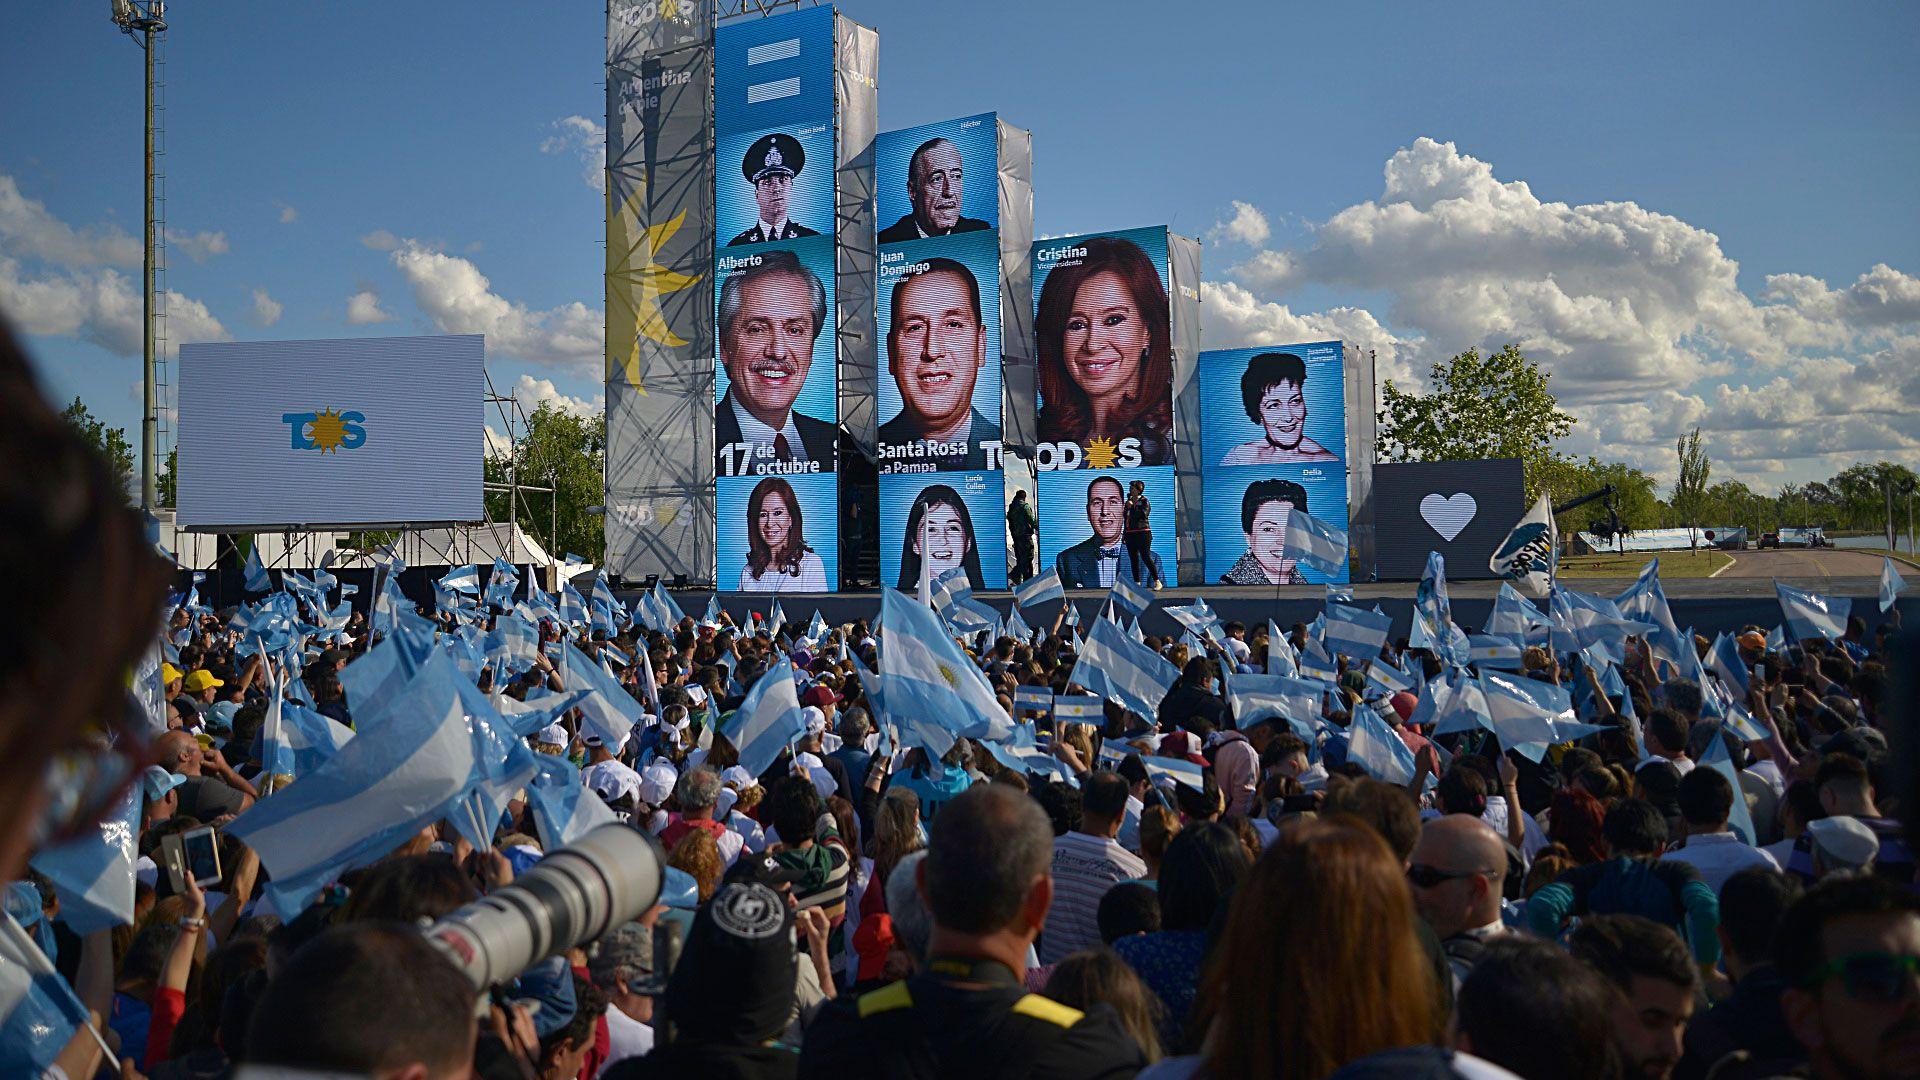 El acto del 17 de octubre de 2019 del Frente de Todos en La Pampa. (Gustavo Gavotti)